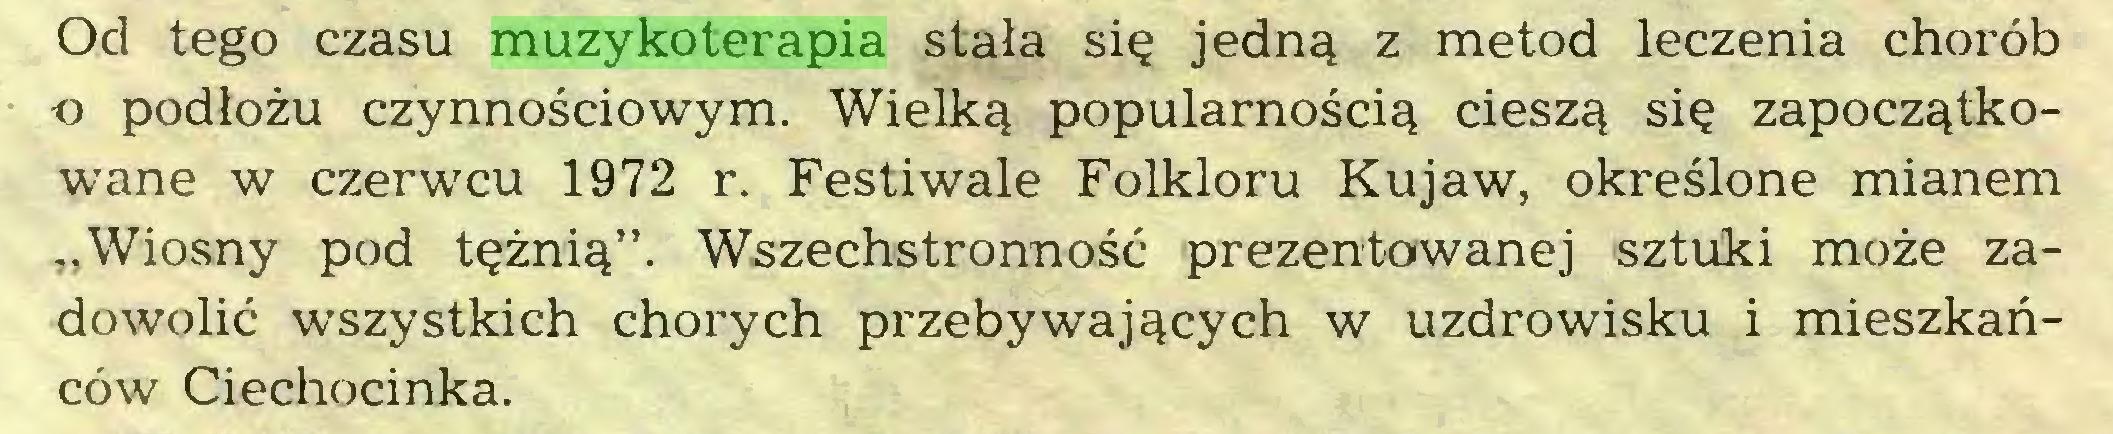 """(...) Od tego czasu muzykoterapia stała się jedną z metod leczenia chorób o podłożu czynnościowym. Wielką popularnością cieszą się zapoczątkowane w czerwcu 1972 r. Festiwale Folkloru Kujaw, określone mianem """"Wiosny pod tężnią"""". Wszechstronność prezentowanej sztuki może zadowolić wszystkich chorych przebywających w uzdrowisku i mieszkańców Ciechocinka..."""